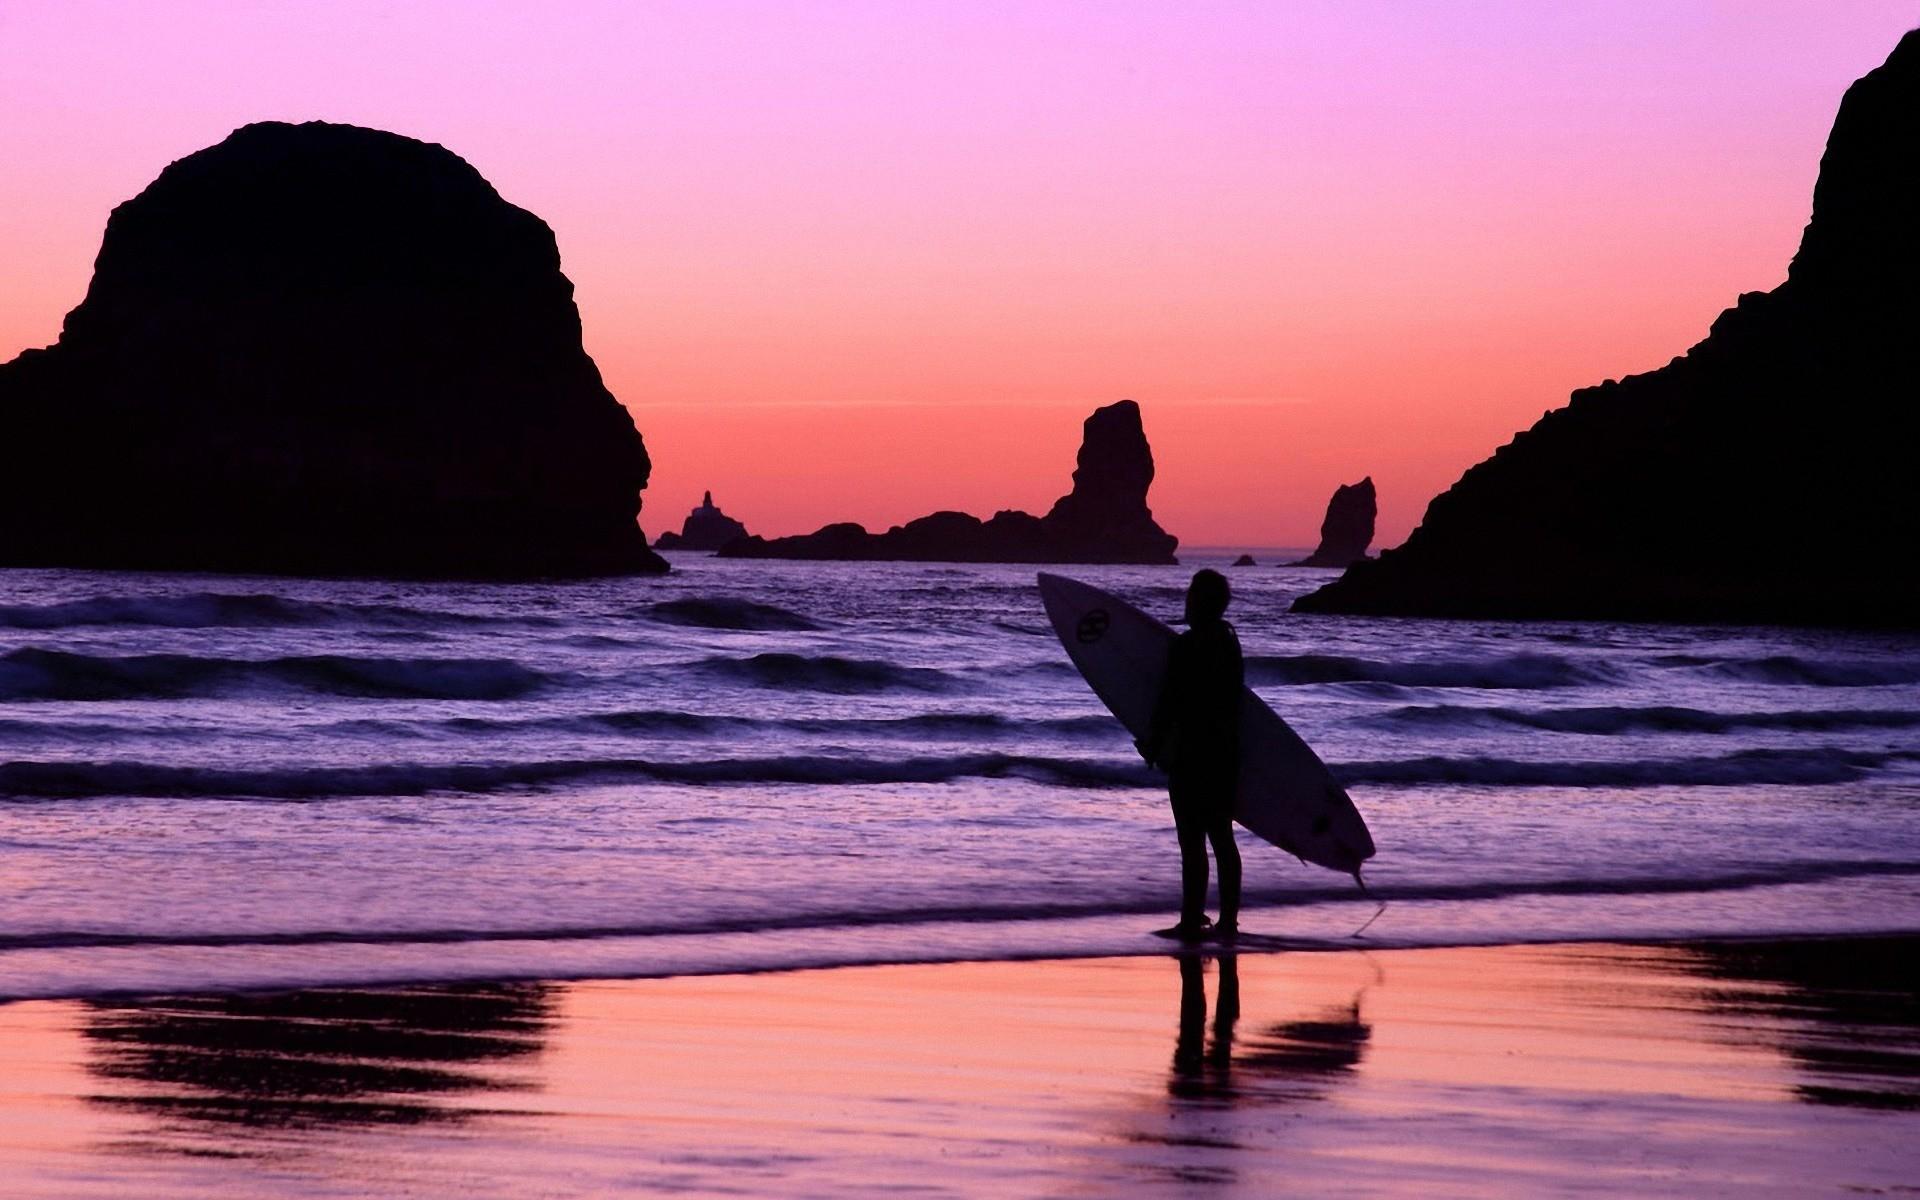 Surfing Beach High Quality Wallpaper Wallpaper